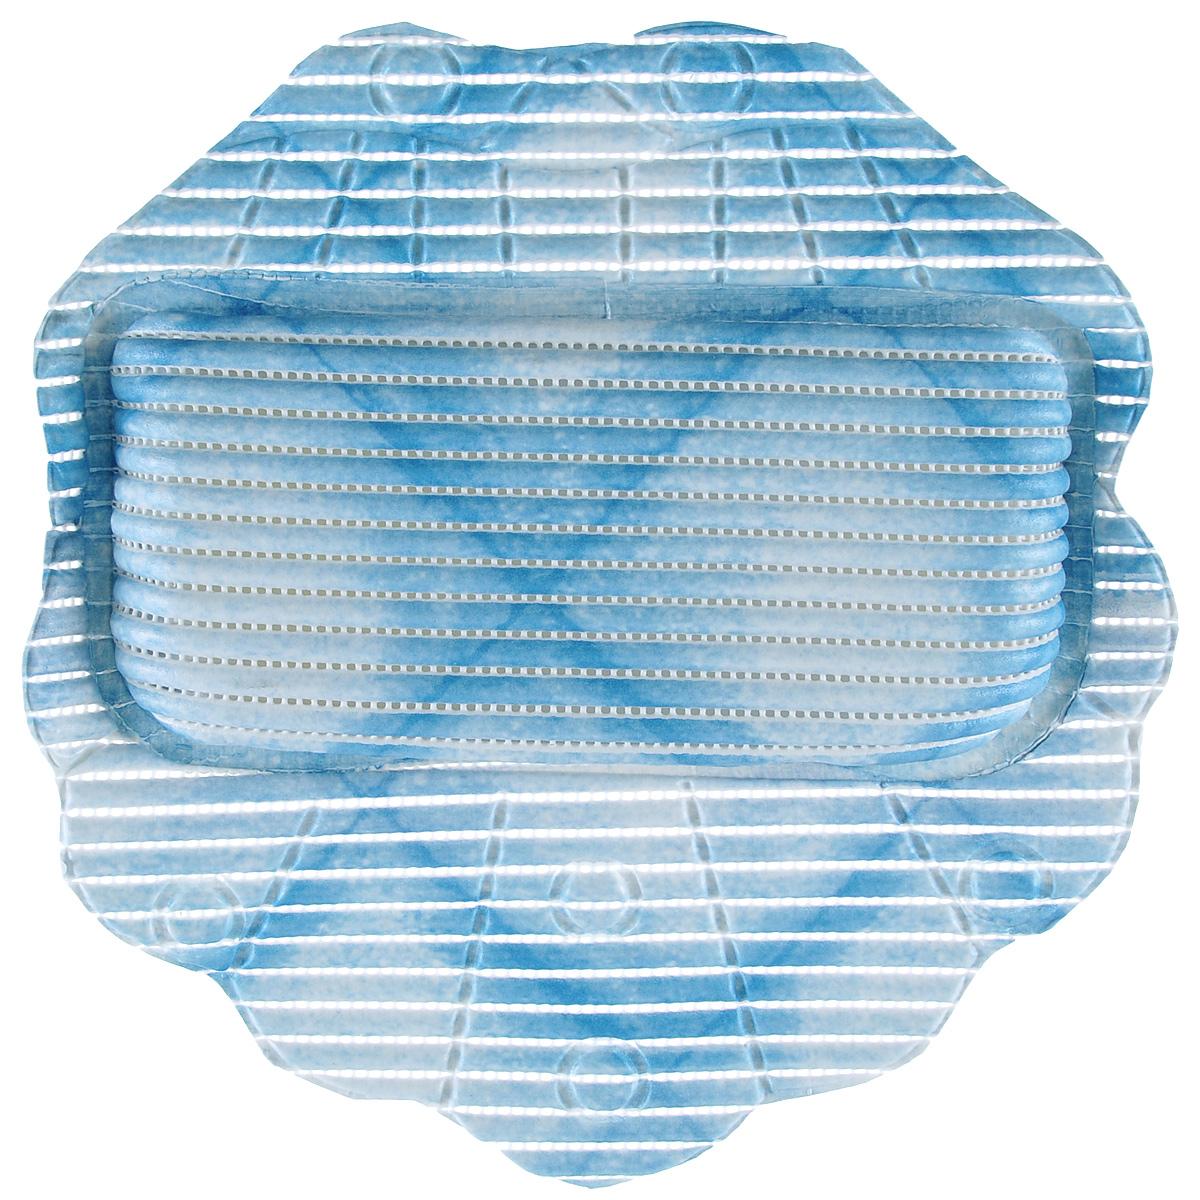 Подушка для ванны Fresh Code Flexy, цвет: синий, 33 см х 33 см55764 синийПодушка для ванны Fresh Code Flexy обеспечивает комфорт во время принятия ванны. Крепится на поверхность ванной с помощью присосок. Выполнена из ПВХ.